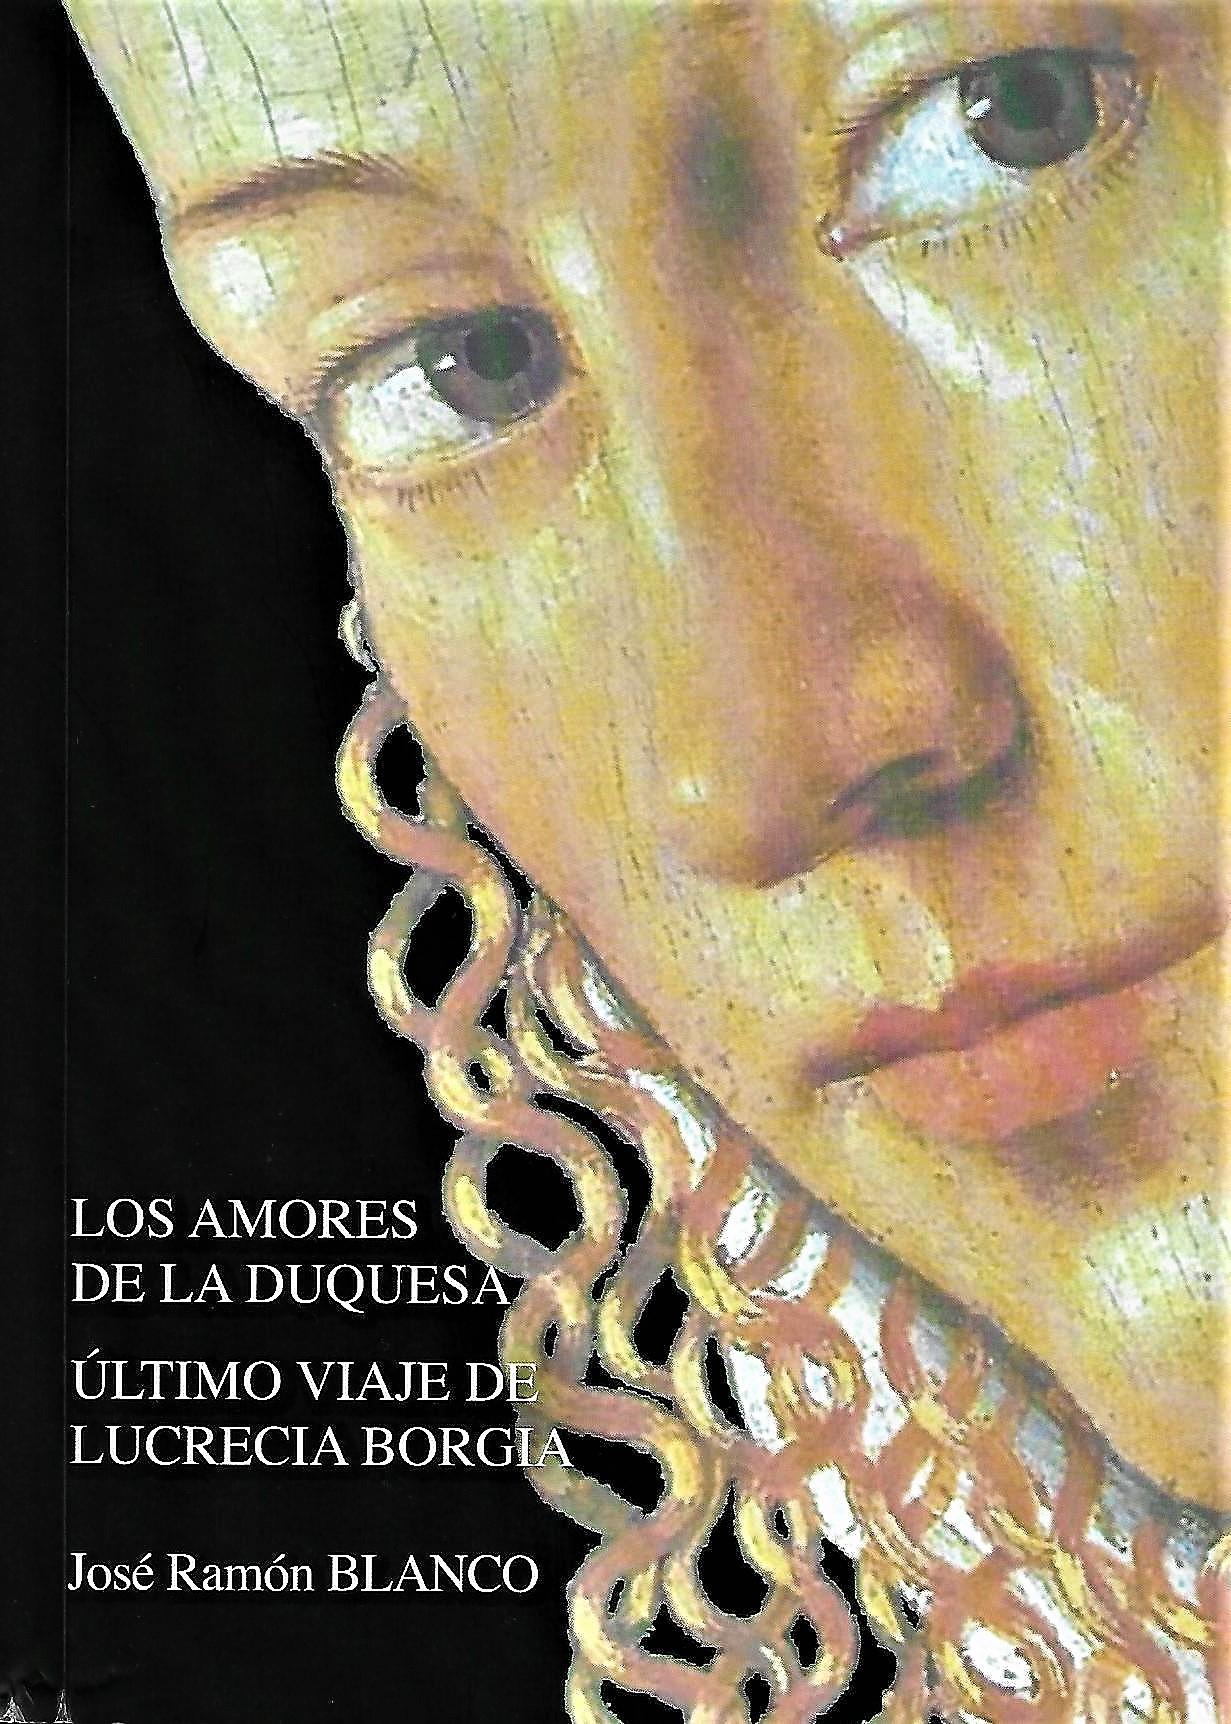 """José Ramón Blanco: """"Los amores de la duquesa. Último viaje de Lucrecia Borgia"""""""